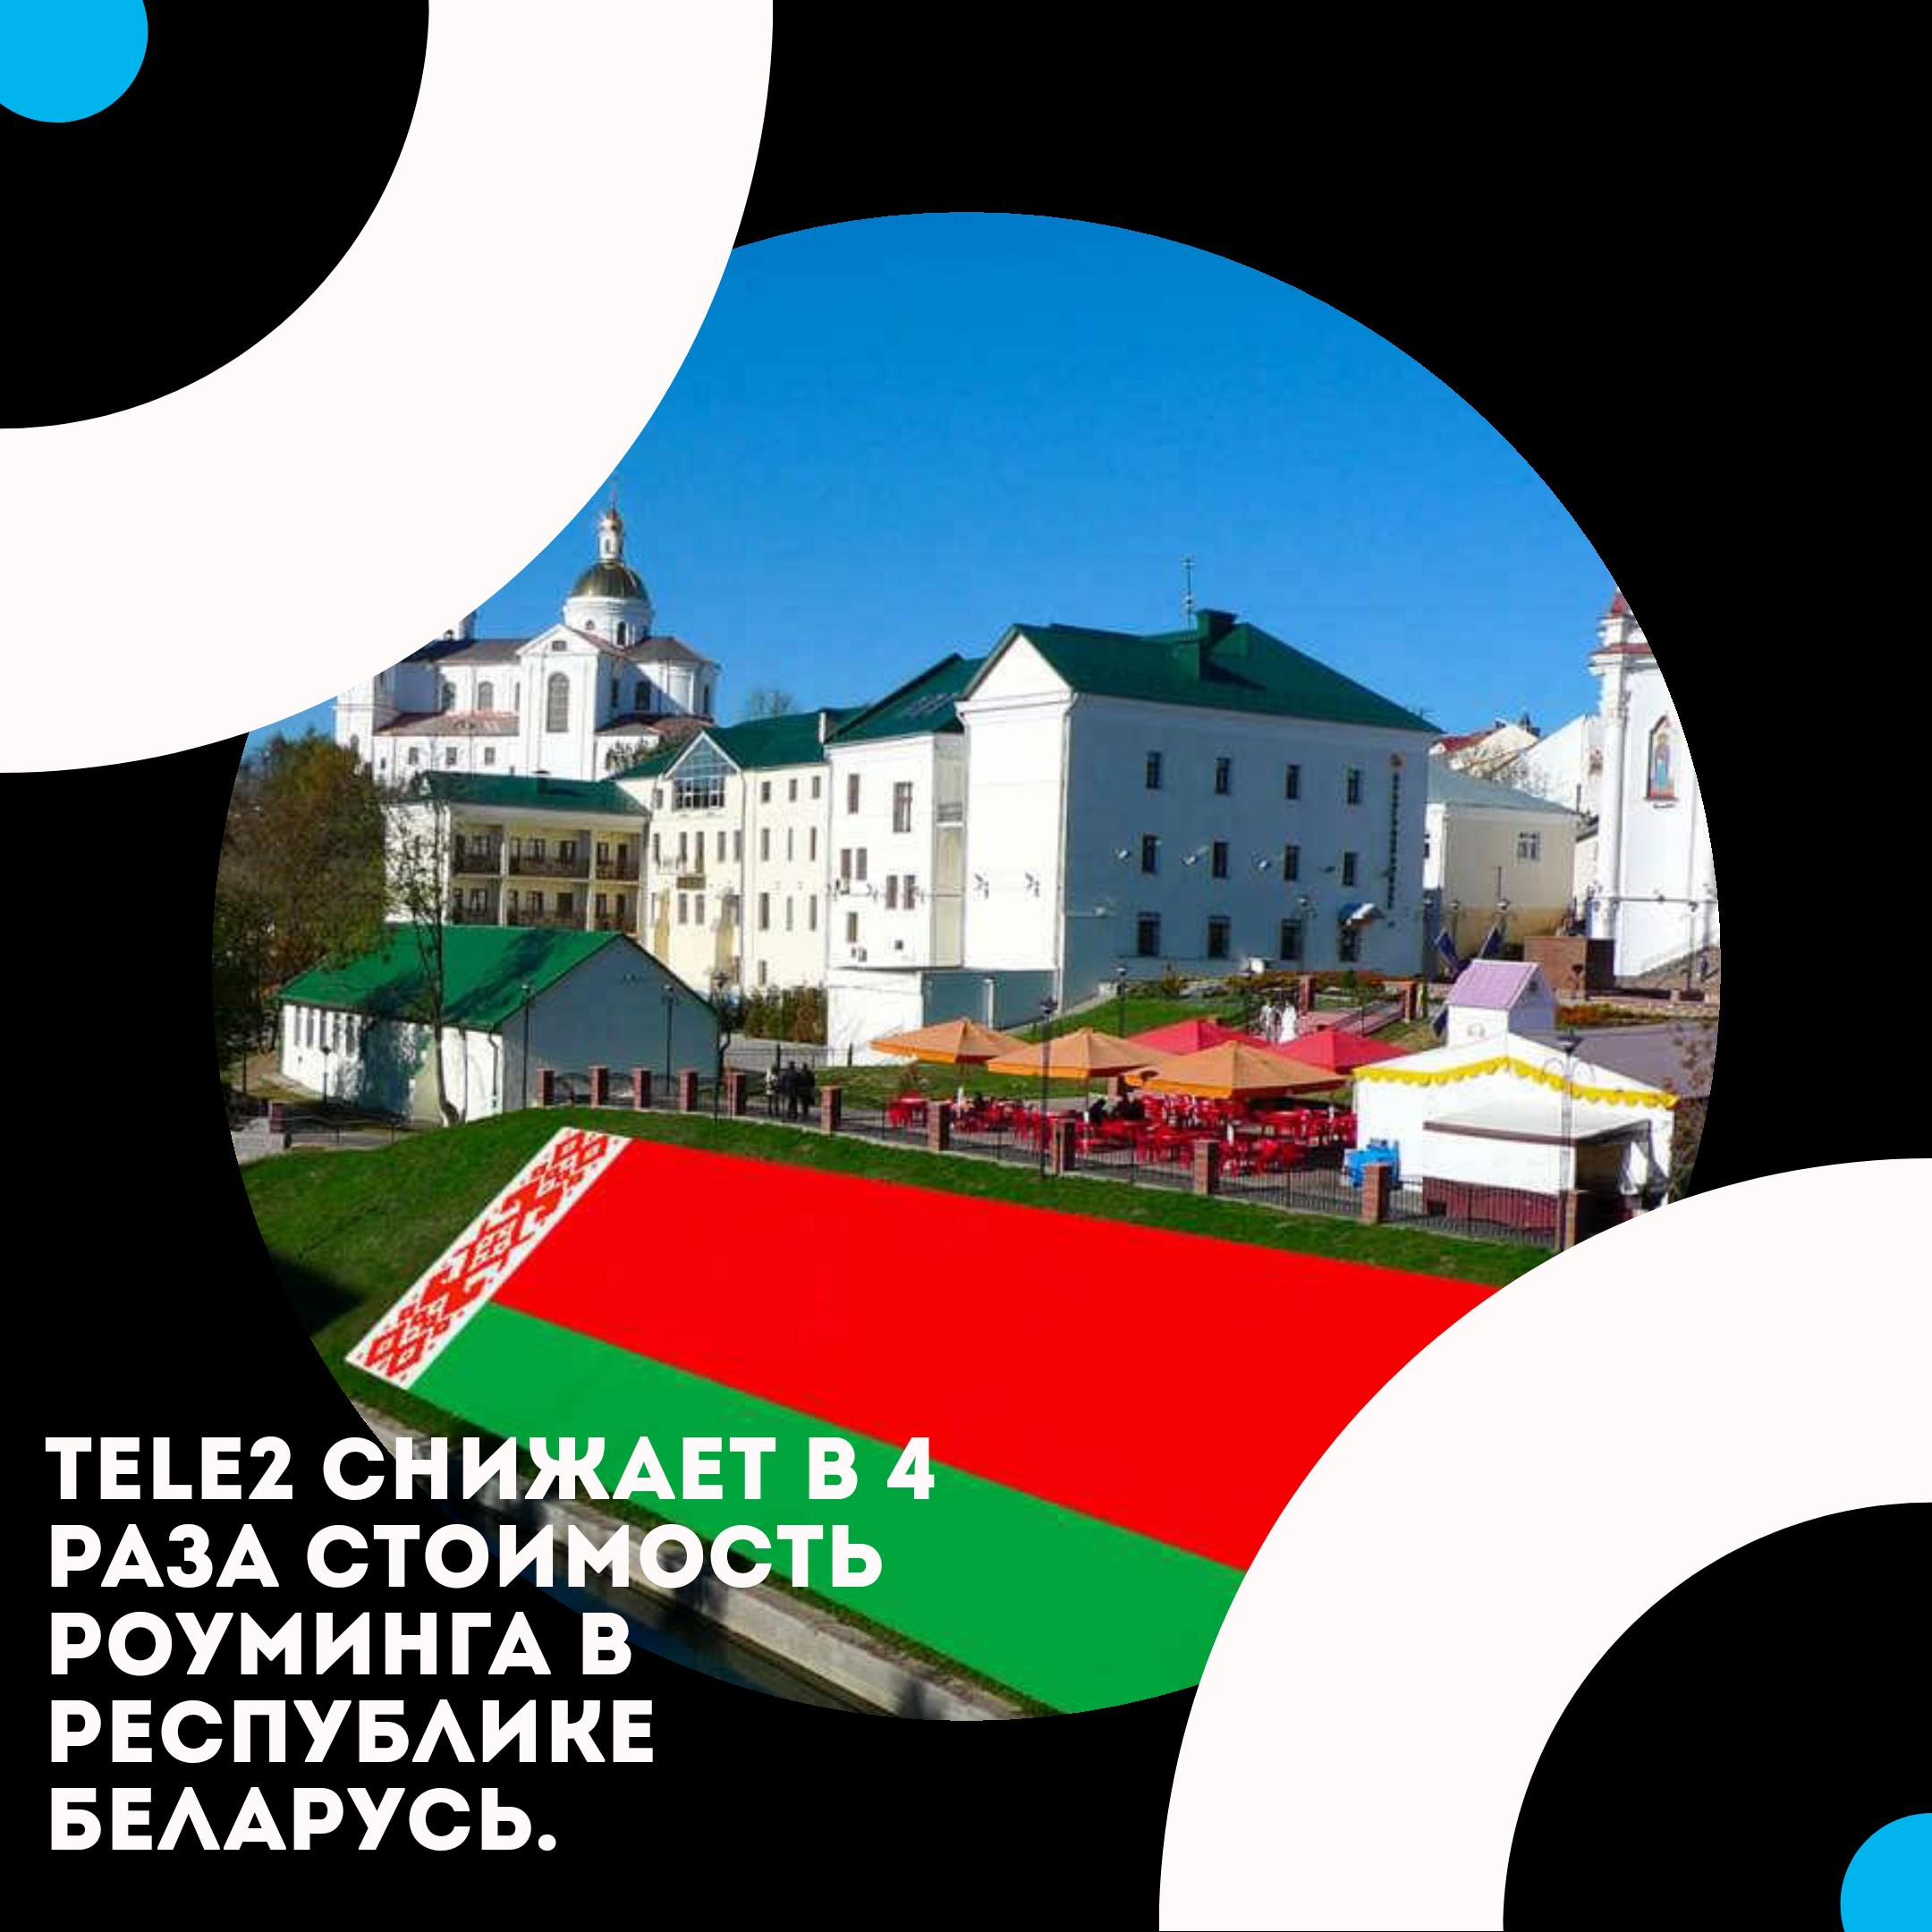 Tele2 снижает в 4 раза стоимость роуминга в Республике Беларусь 1